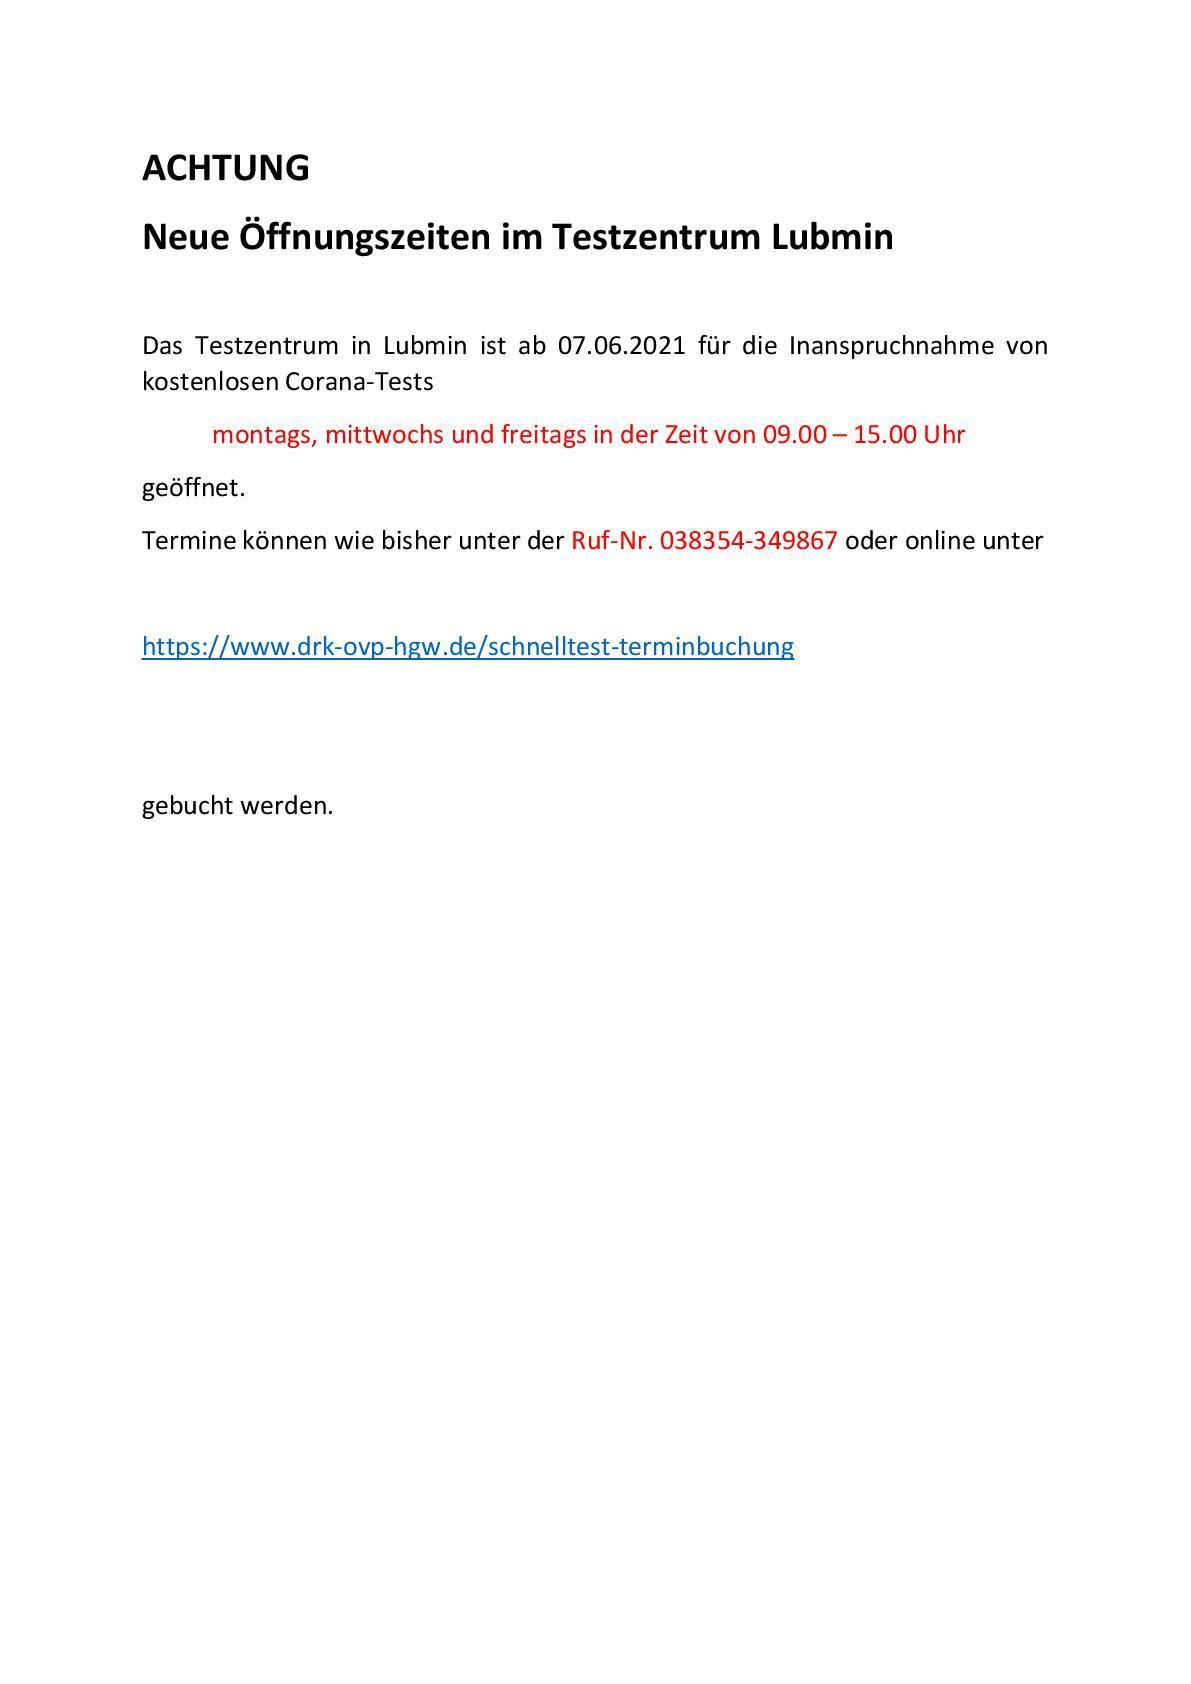 02.06.2021 neue Öffnungszeiten Testzentrum Lubmin ACHTUNG -001.jpg